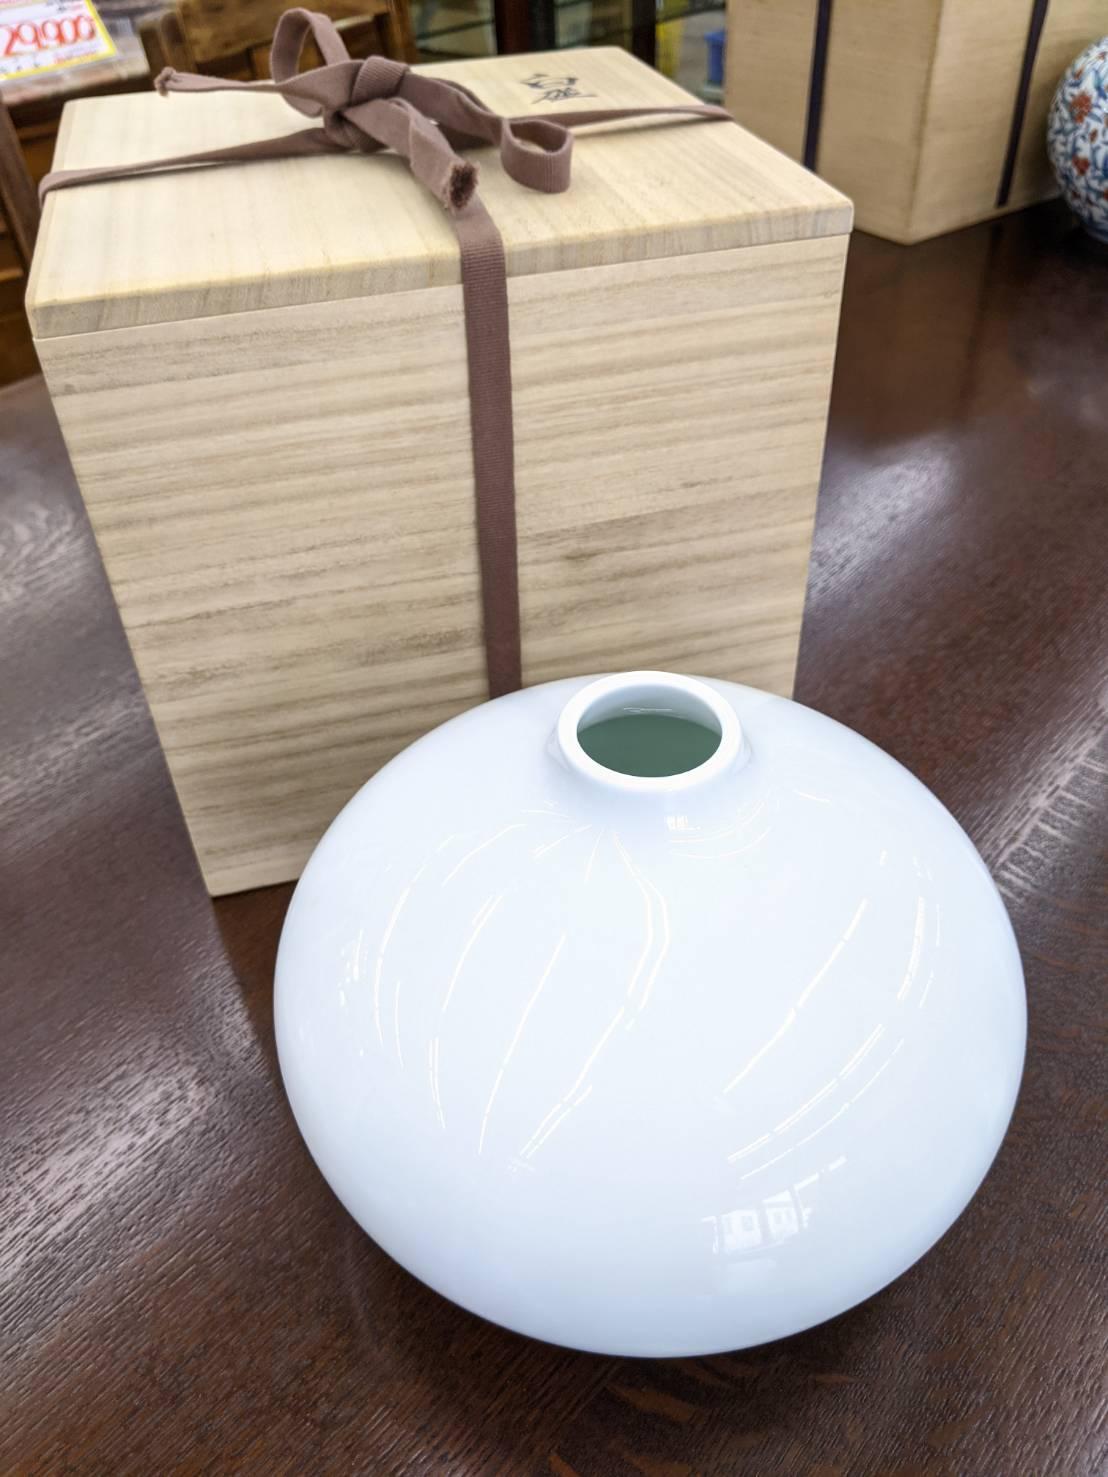 【井上 萬二 白磁丸形壺 花瓶 有田 人間国宝 無形重要文化財】を買取いたしました!の買取-